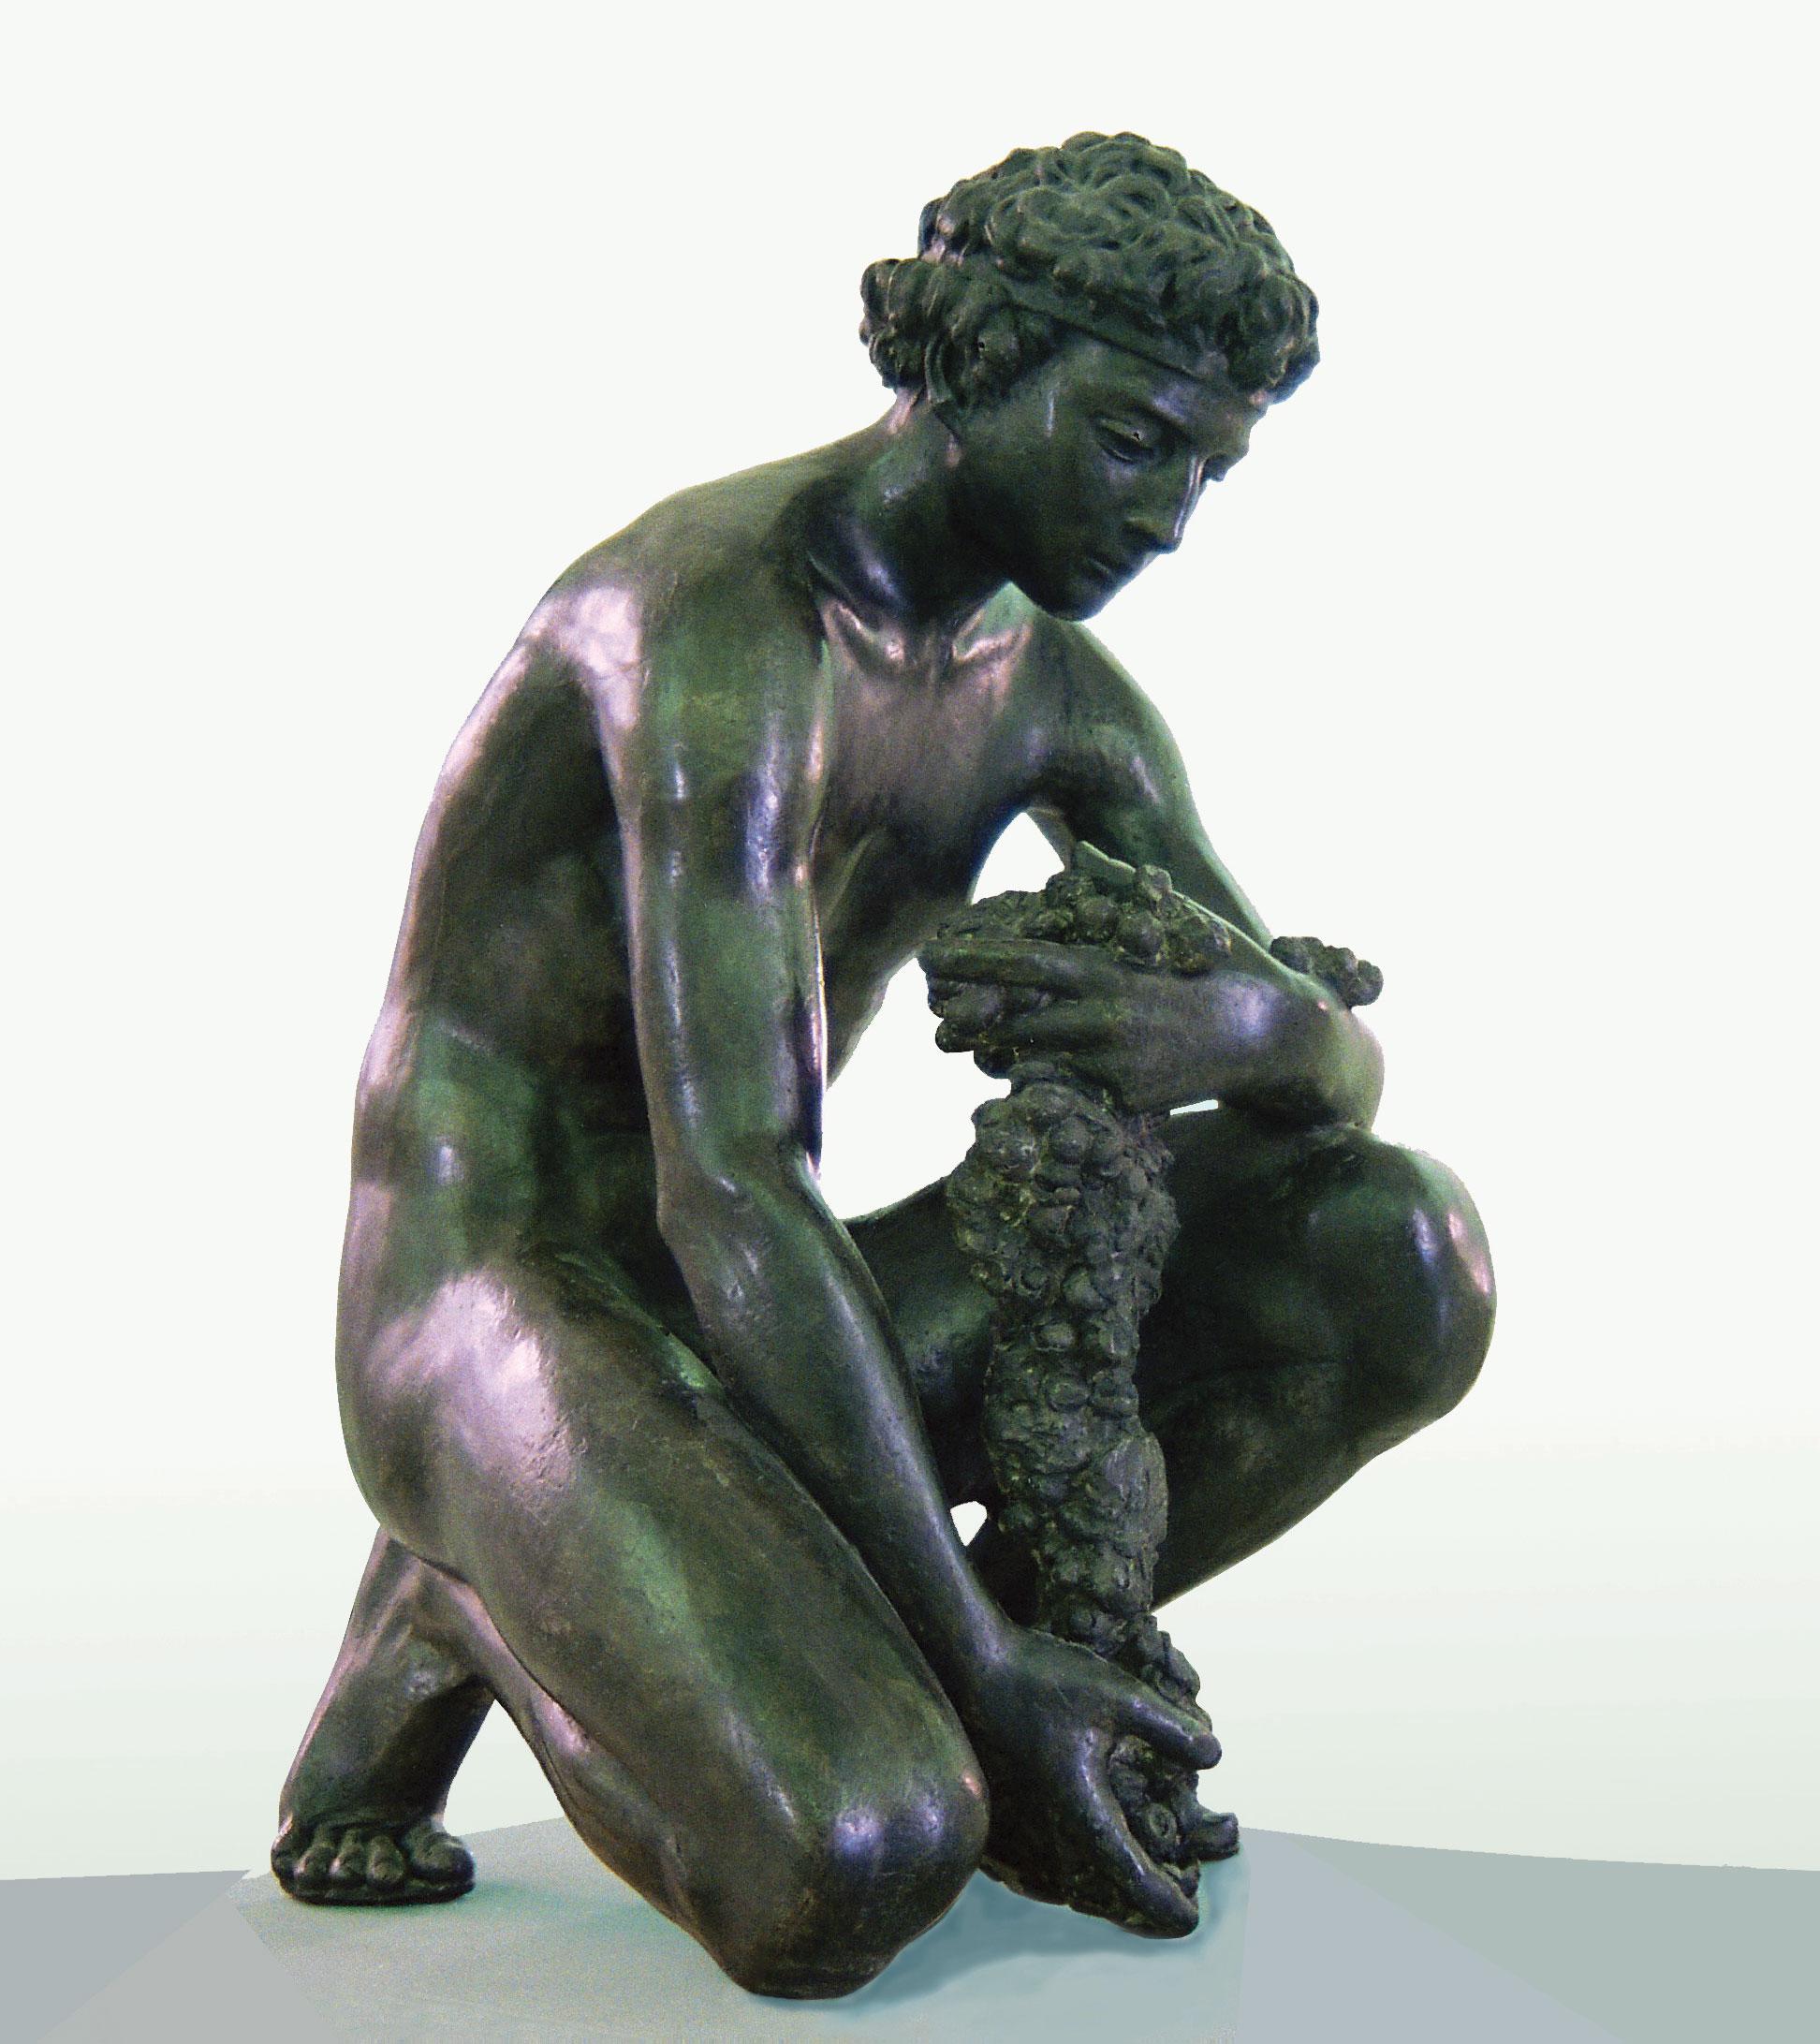 Eine hellenistische Gegenwart in der zeitgenössischen Bildhauerkunst <br><b>Di Franco Ragazzi</b>